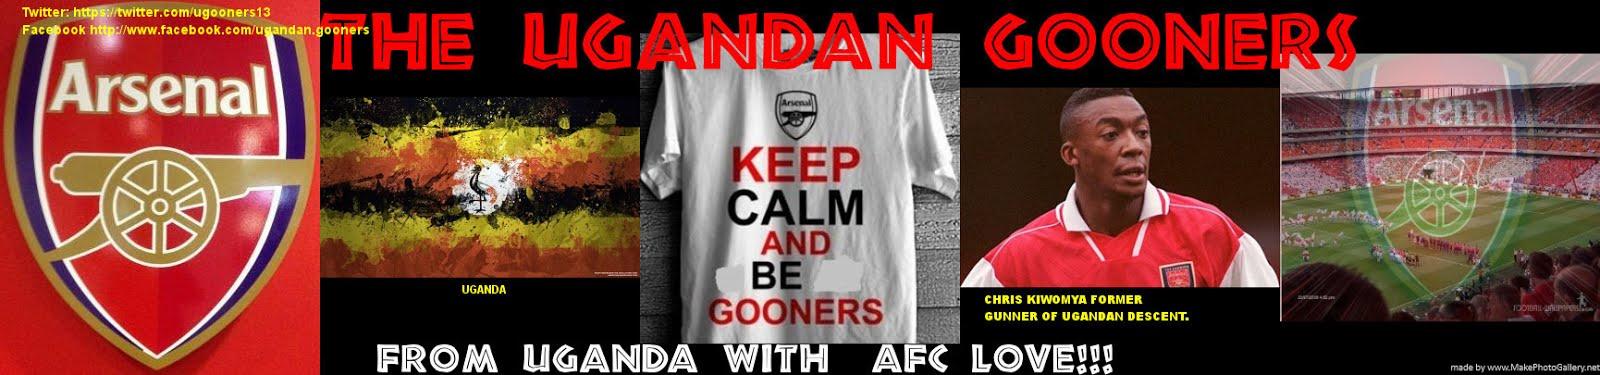 THE UGANDAN GOONERS